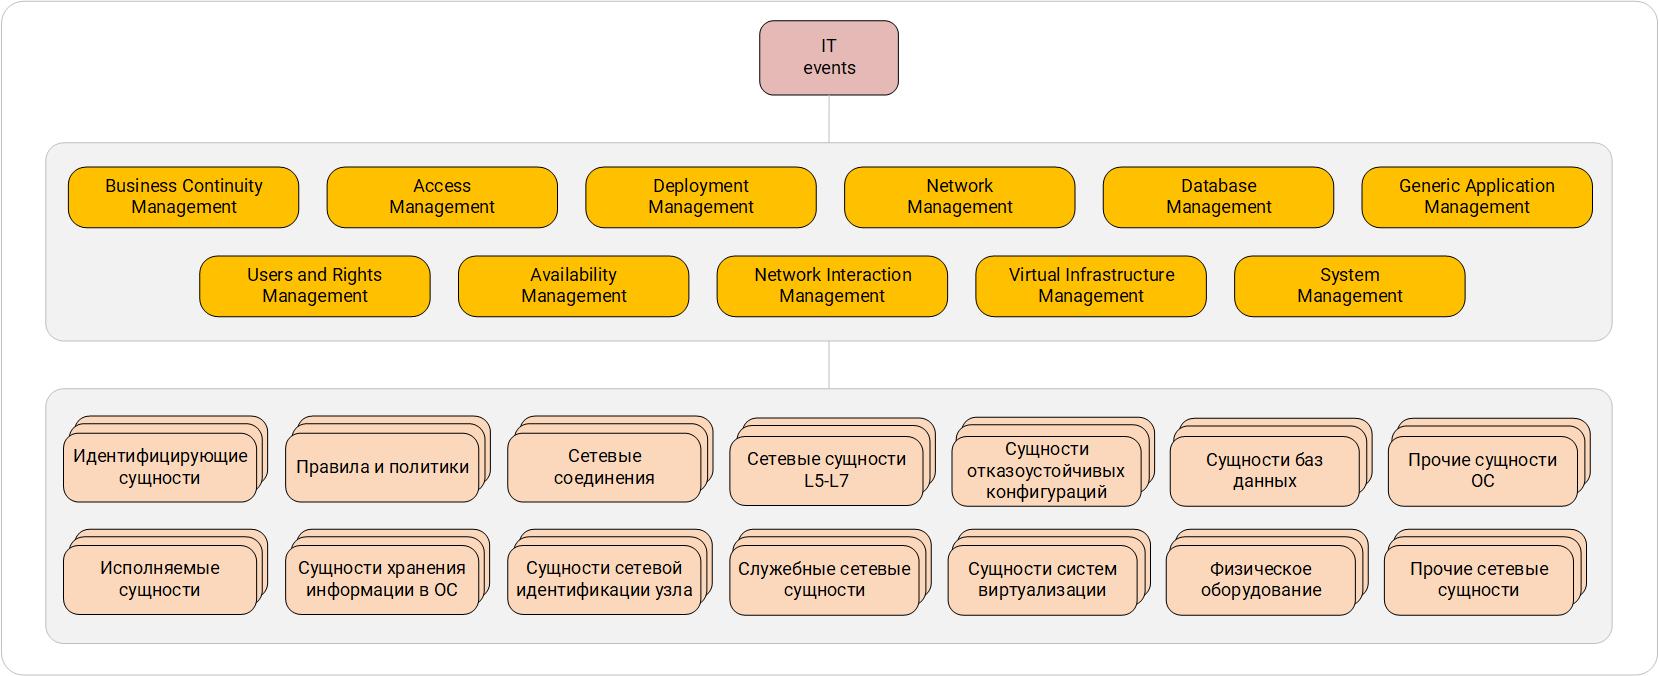 Система категоризации ИБ-событий. Первый и второй уровни.